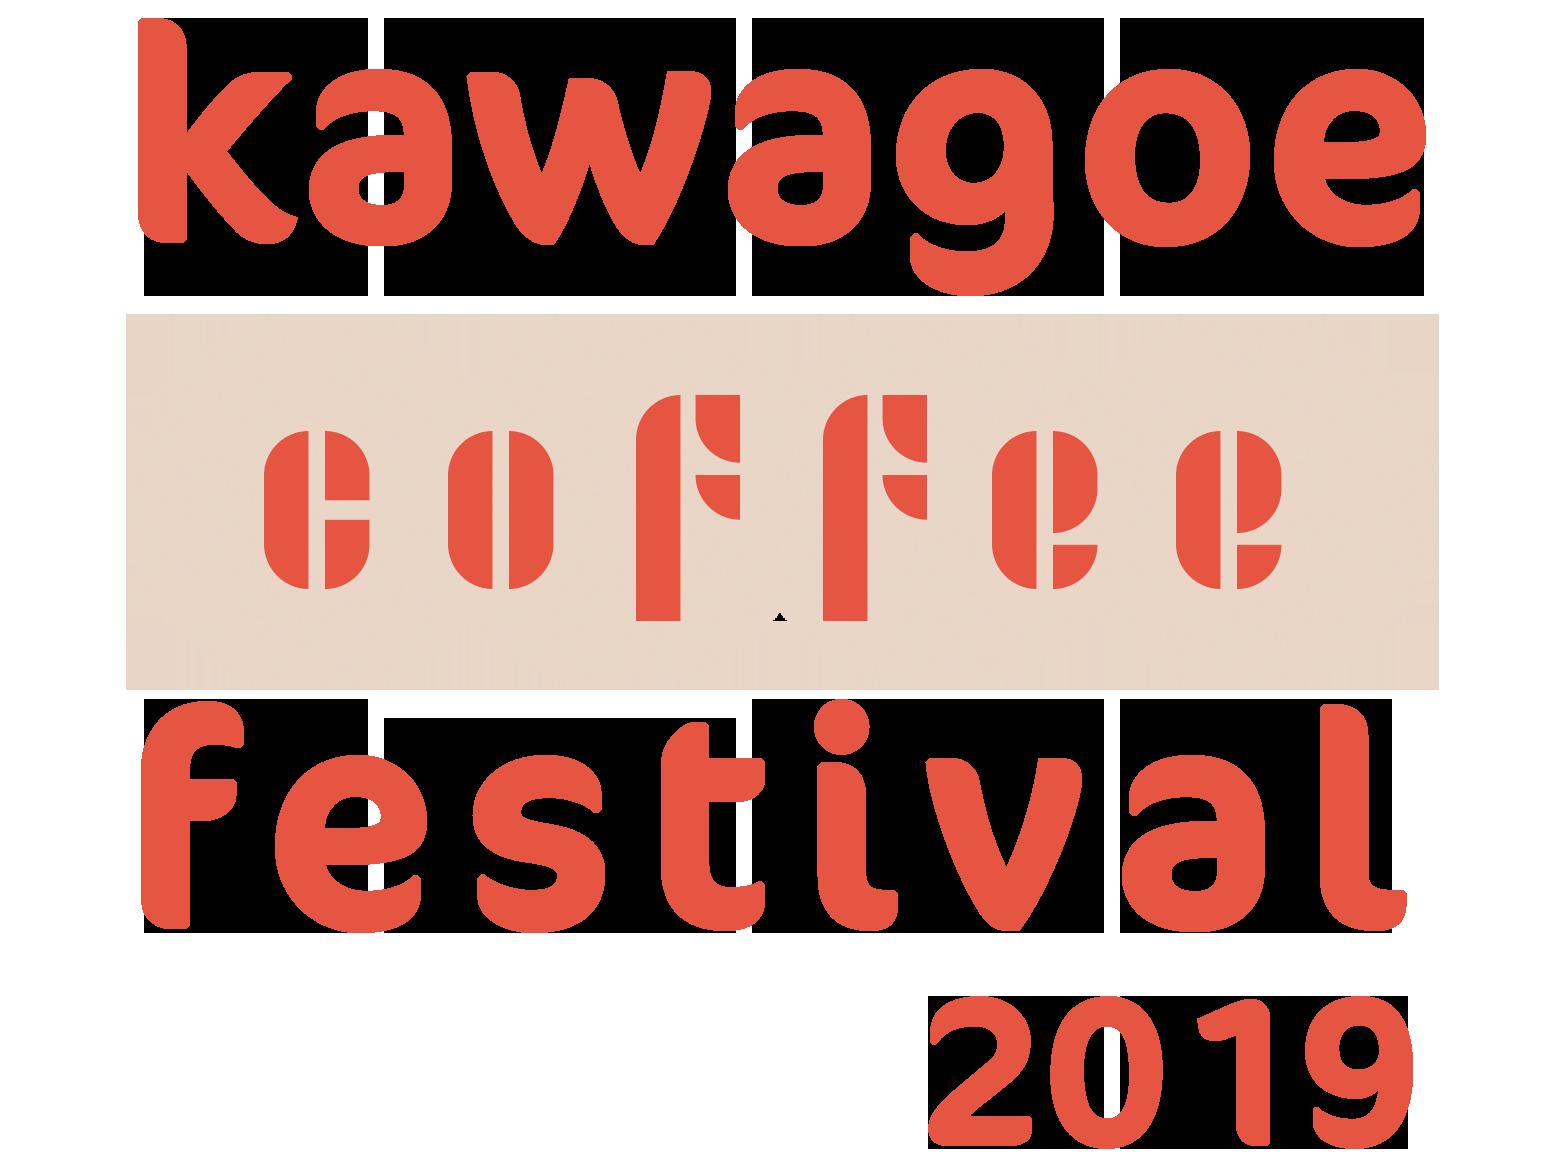 第4回 川越コーヒーフェスティバル